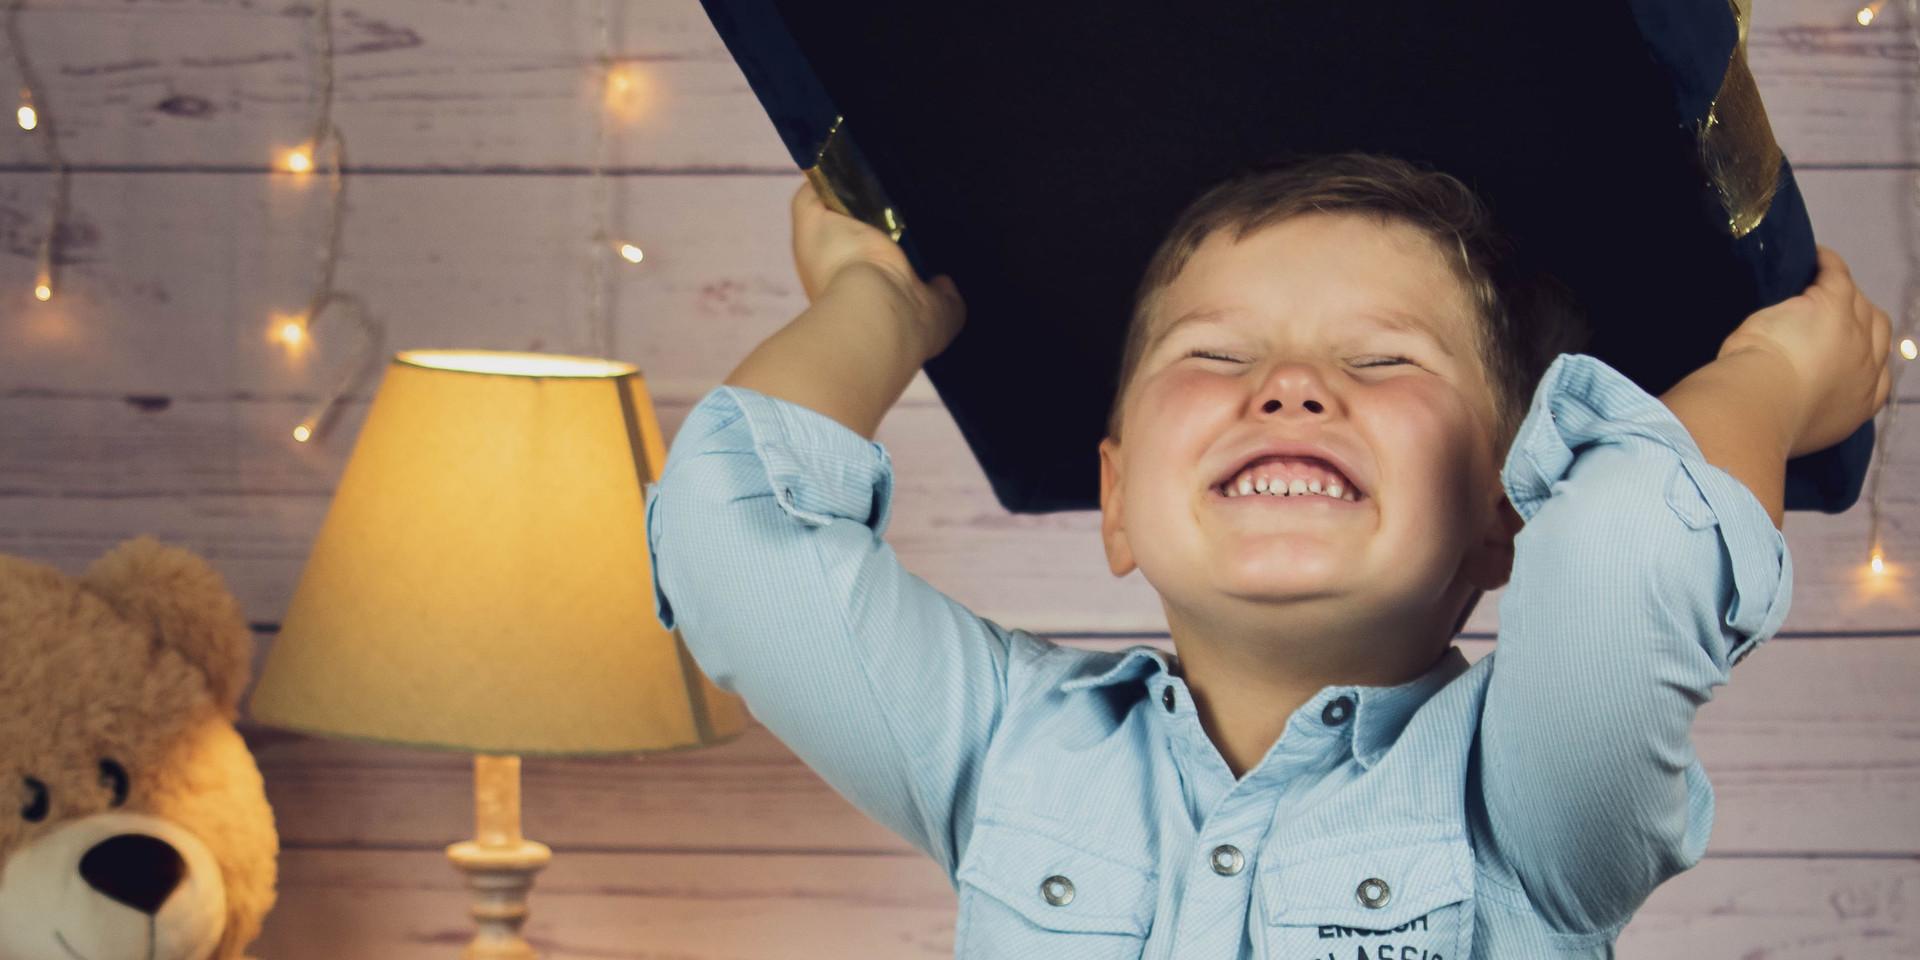 Weihnachtsshooting, Weihnachtskarte, Kidsshooting, Geschenk, Coburg, Ahorn, Oberfranken